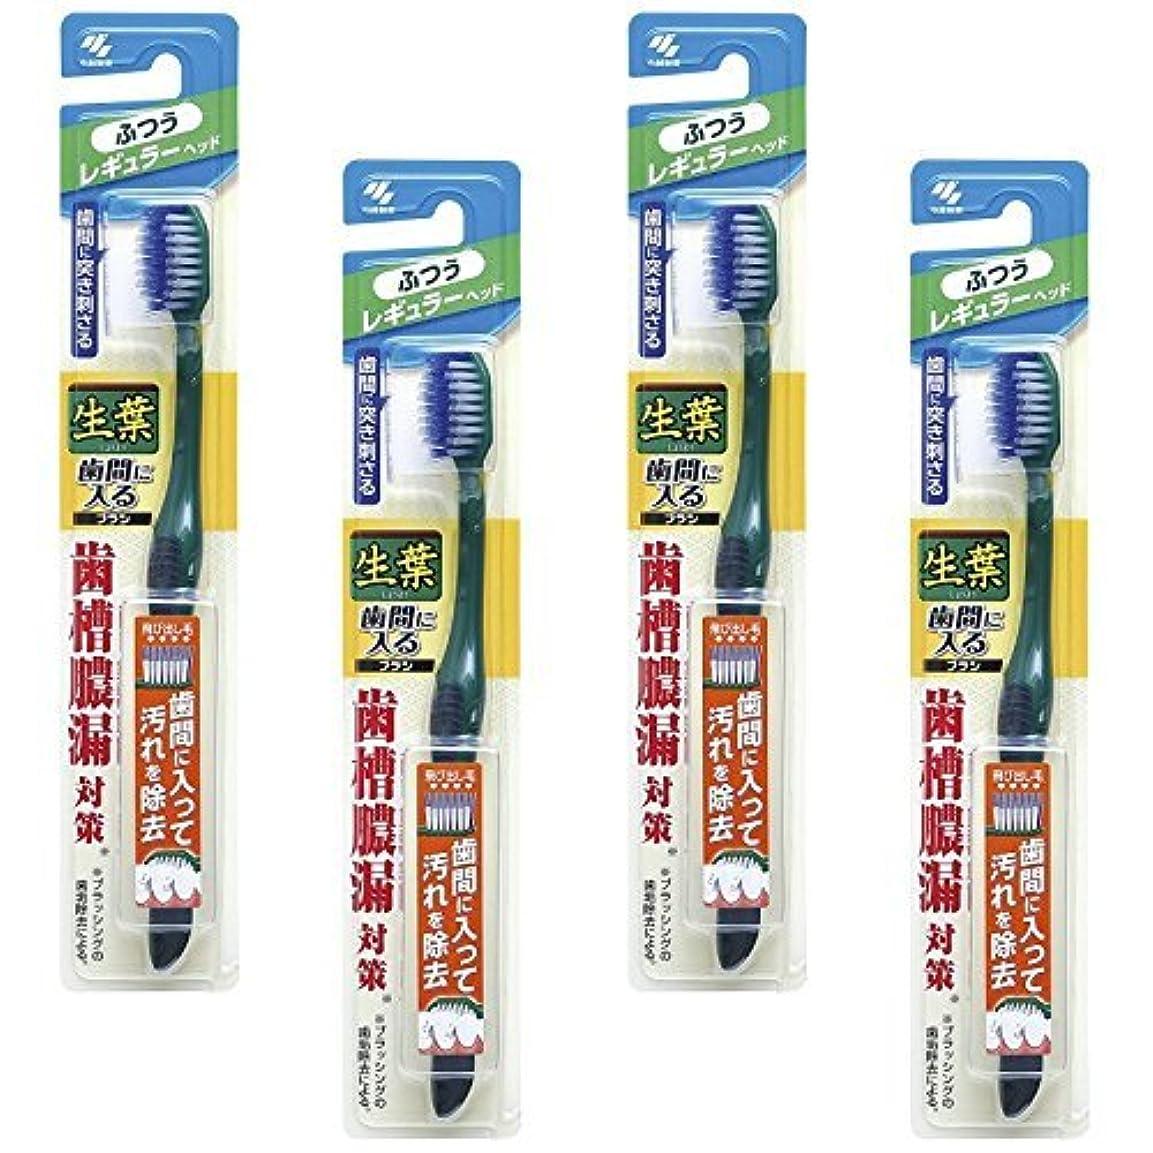 対角線嵐一定【まとめ買い】生葉(しょうよう)歯間に入るブラシ 歯ブラシ レギュラー ふつう ×4個